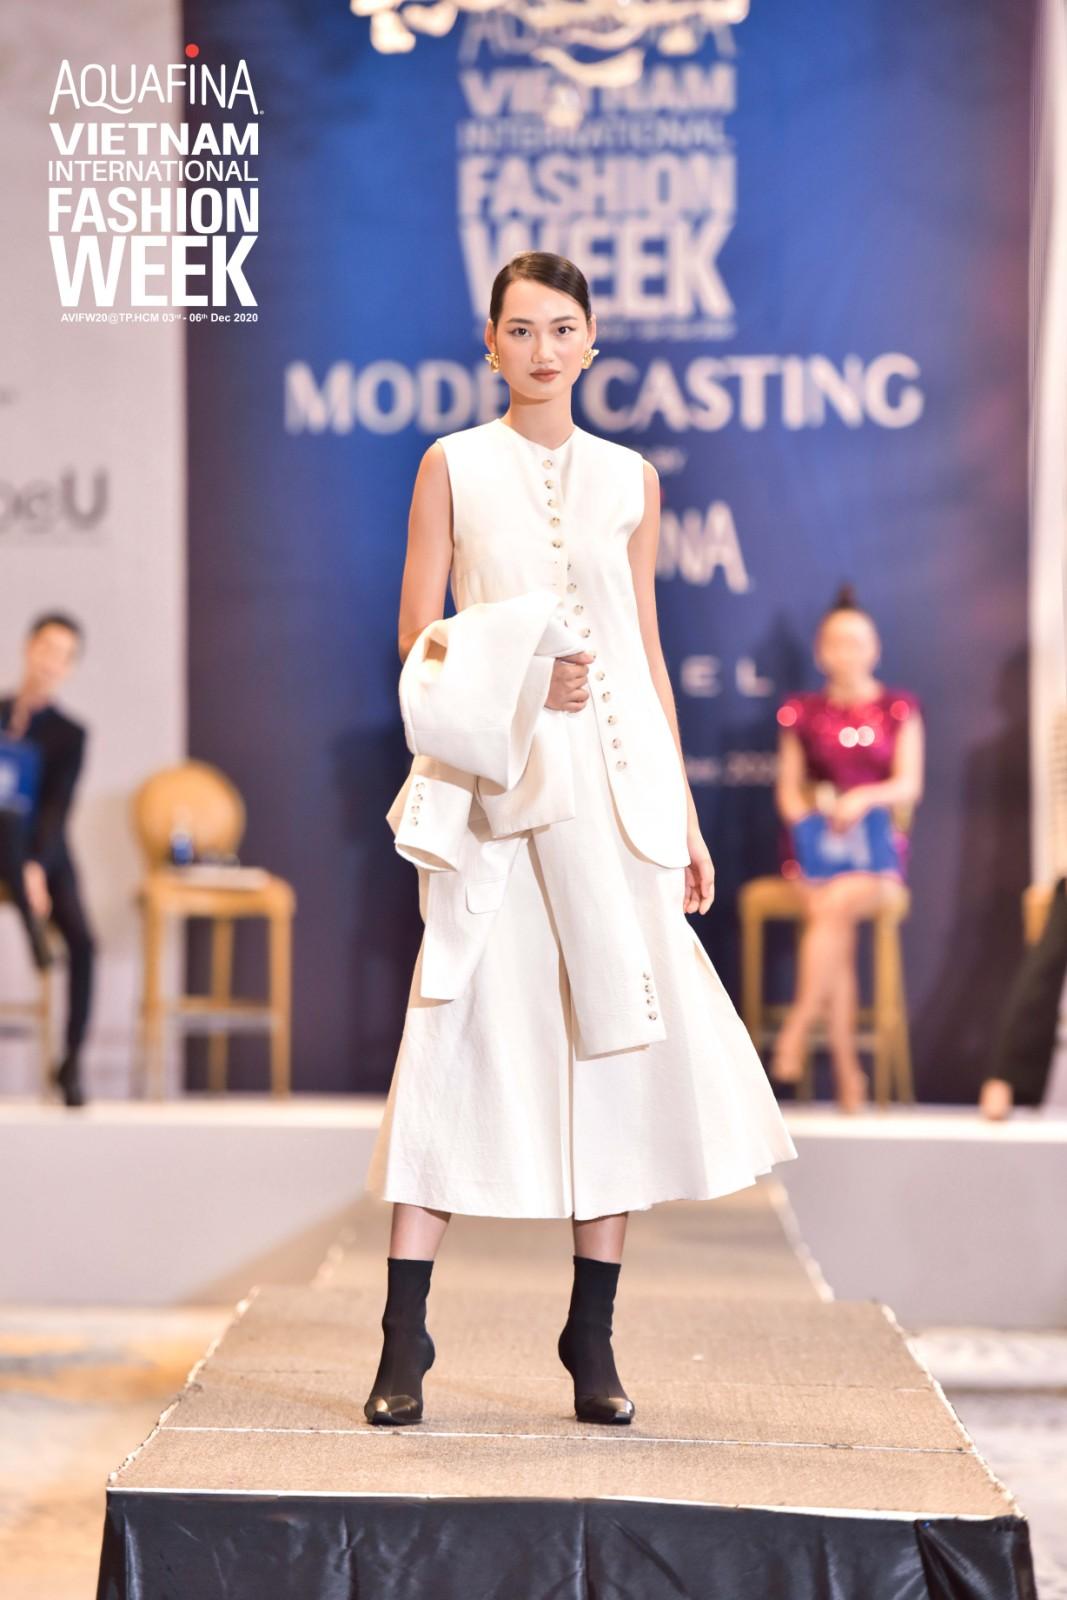 Đôi chân của Mâu Thủy chiếm chọn spotlight, lấn át cả quán quân Next Top Hương Ly tại buổi casting Tuần lễ thời trang Việt Nam 2020 - Ảnh 5.